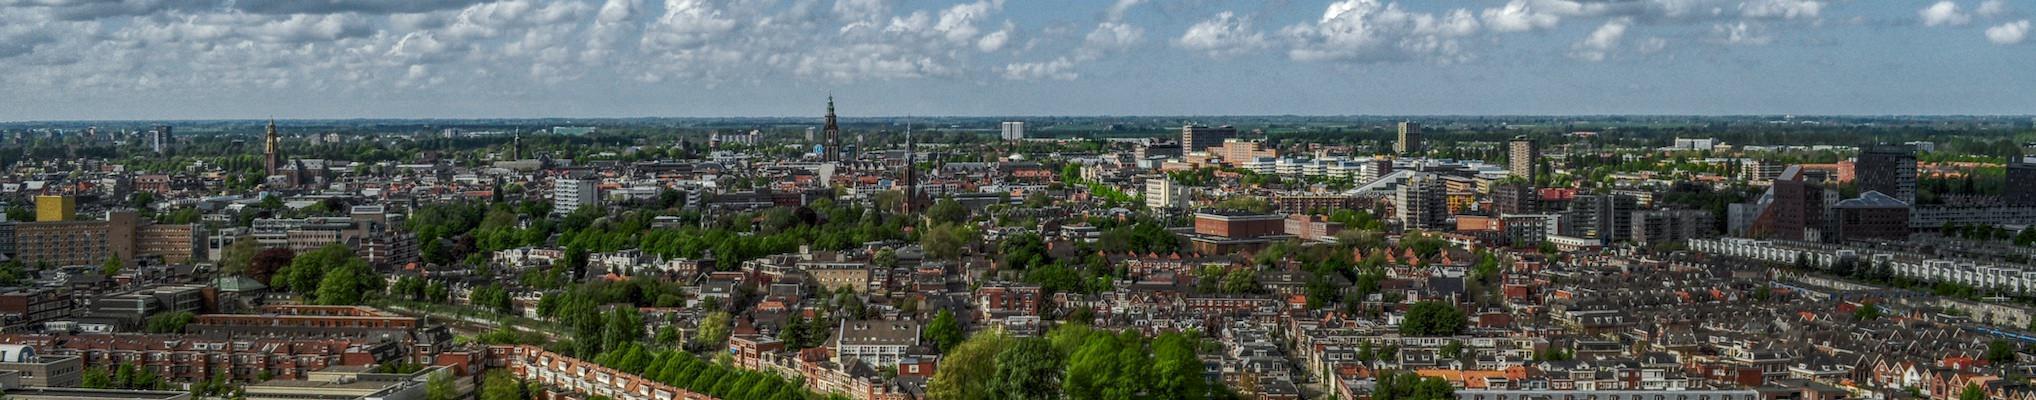 Groningen - Stadt aus der Luft